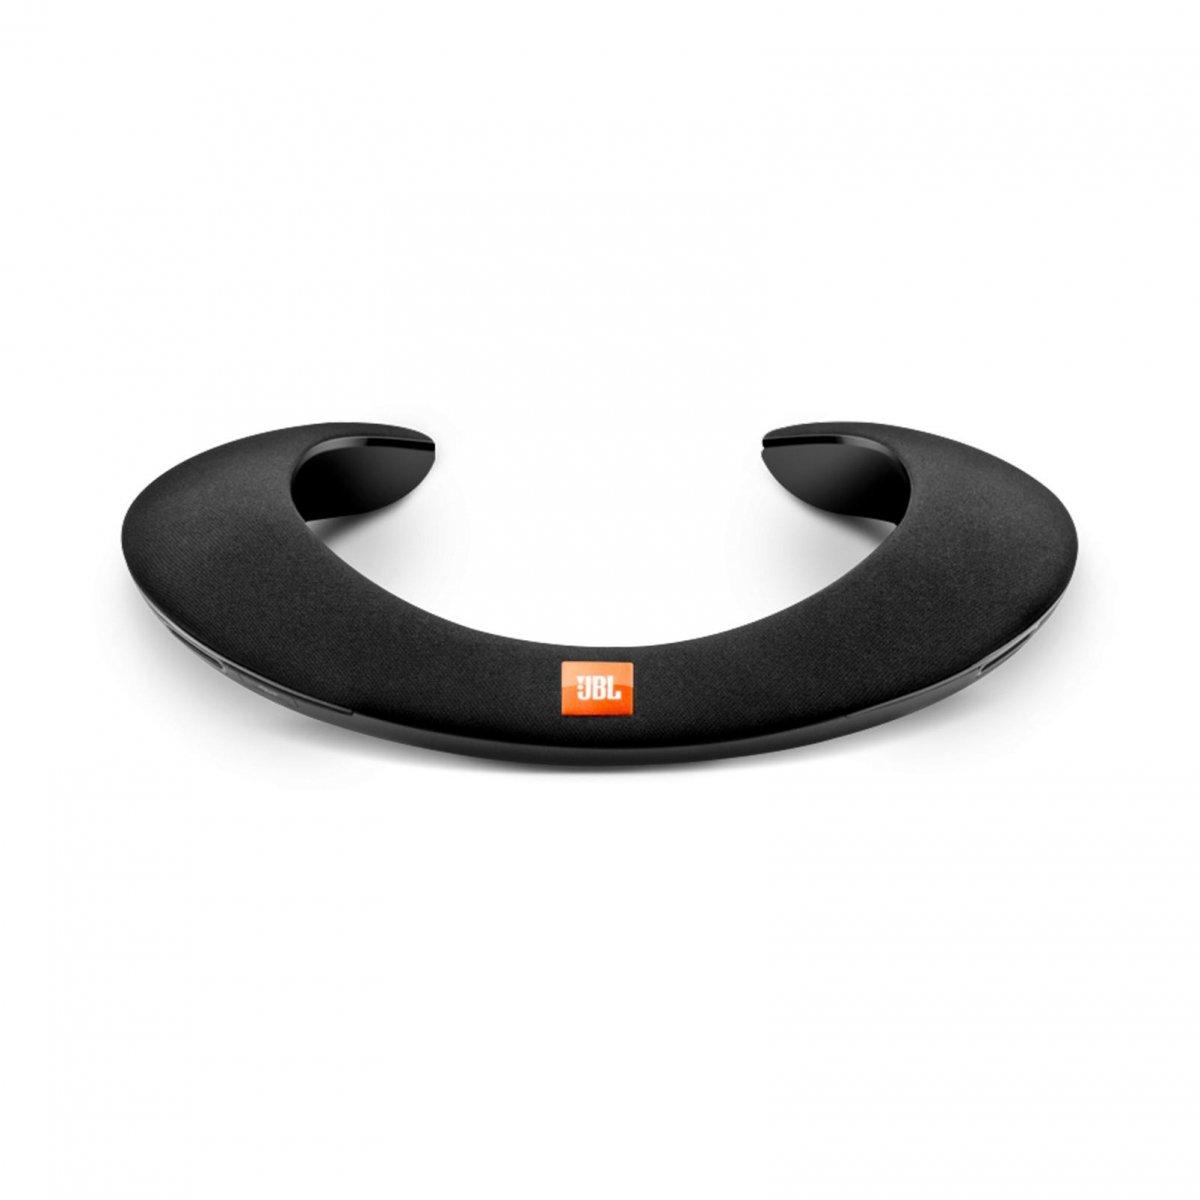 JBL Soundgear przenośny głośnik BT na ramiona, czarny